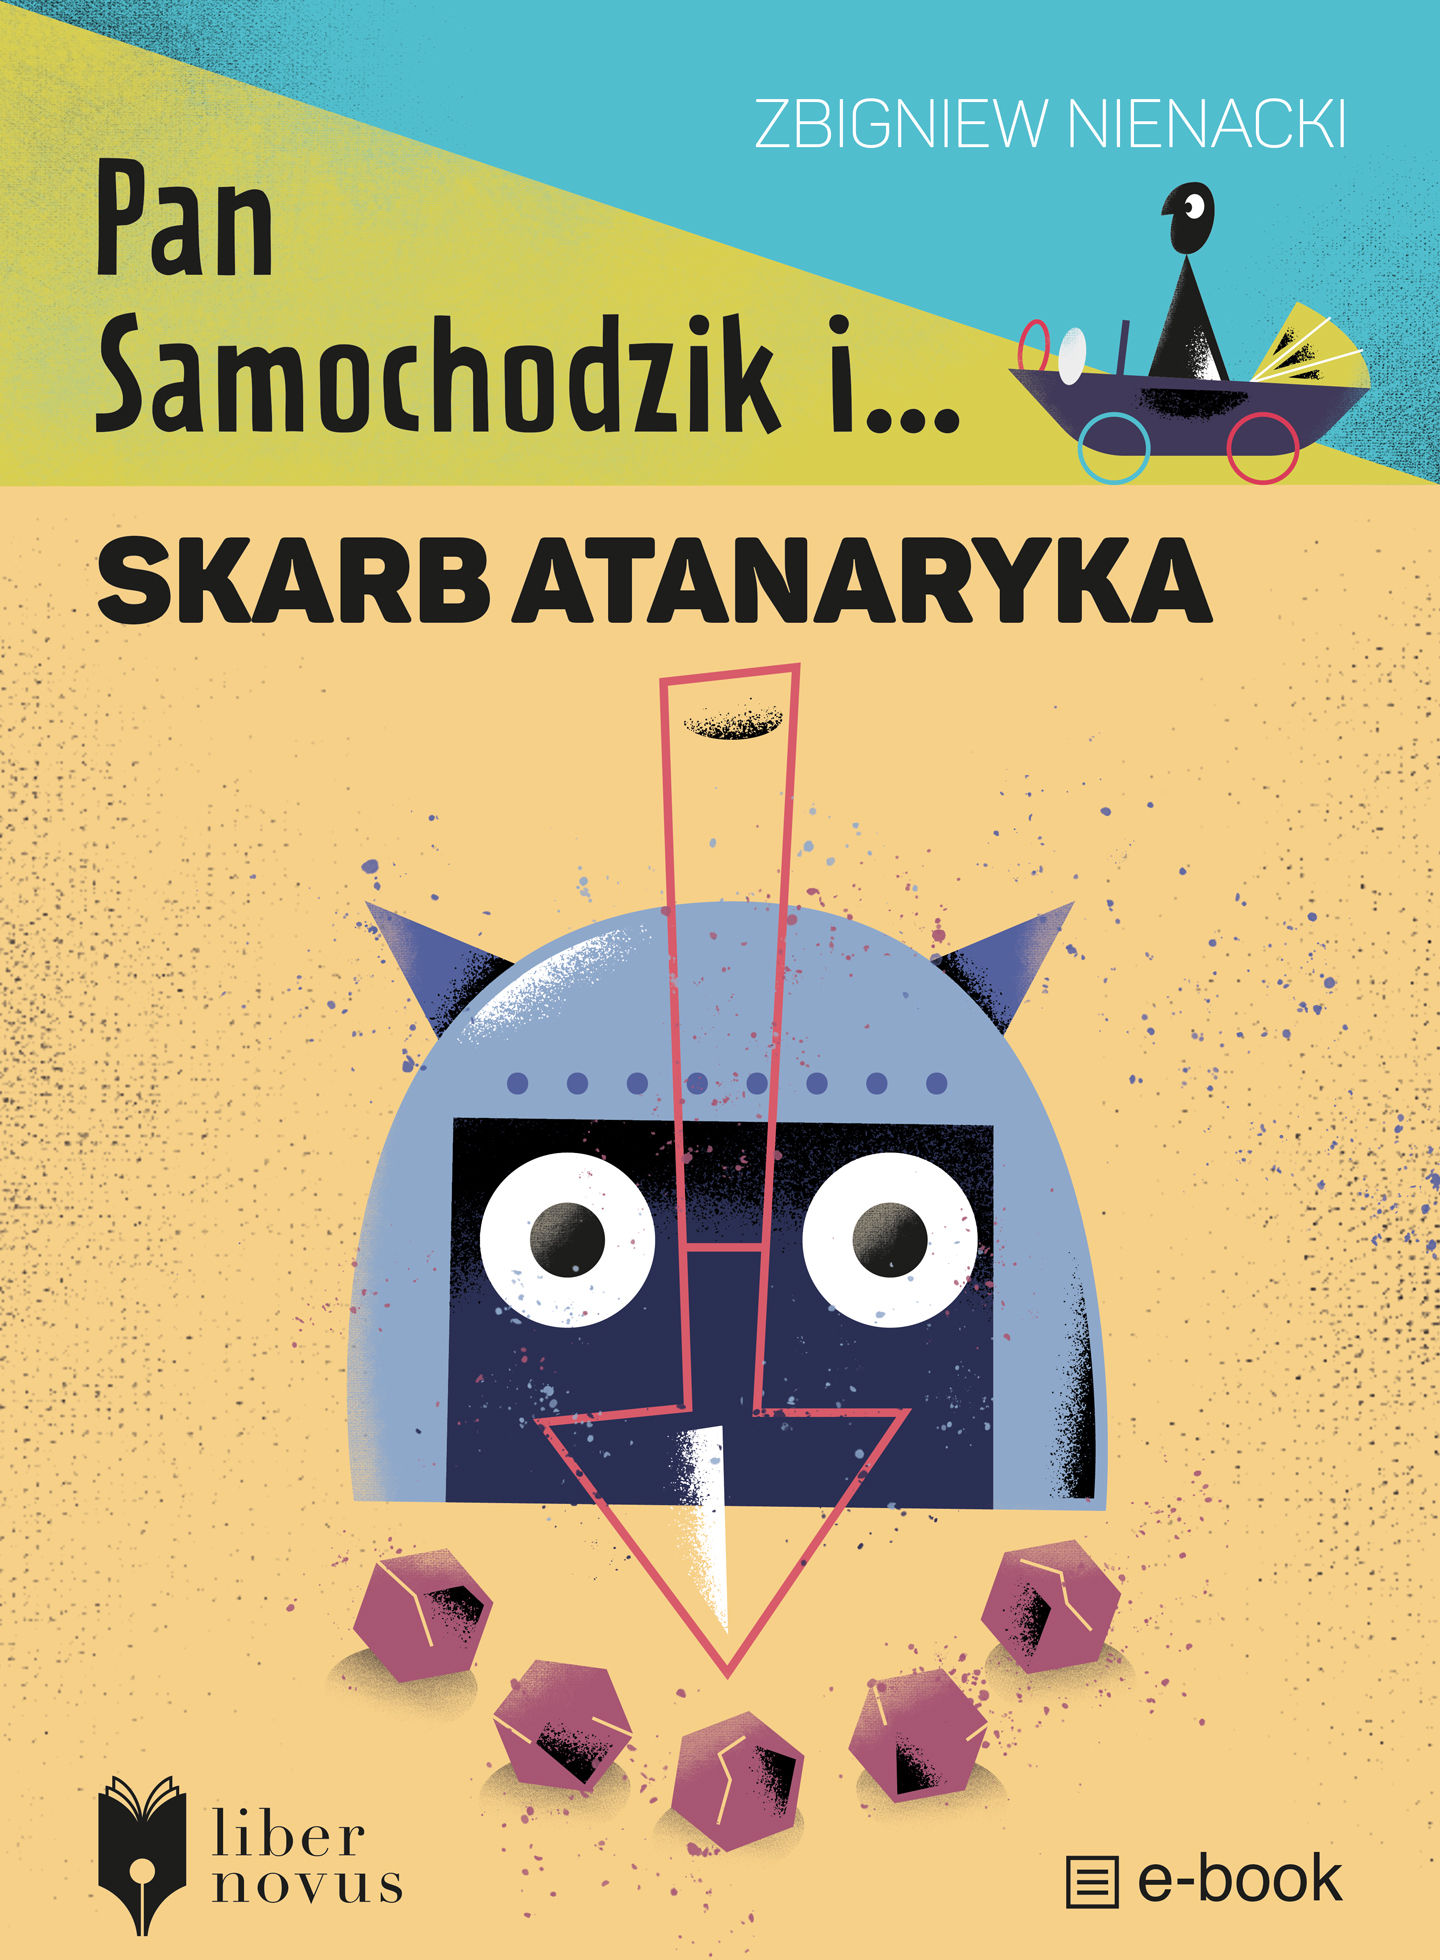 Pan Samochodzik i skarb Atanaryka - Zbigniew Nienacki - ebook